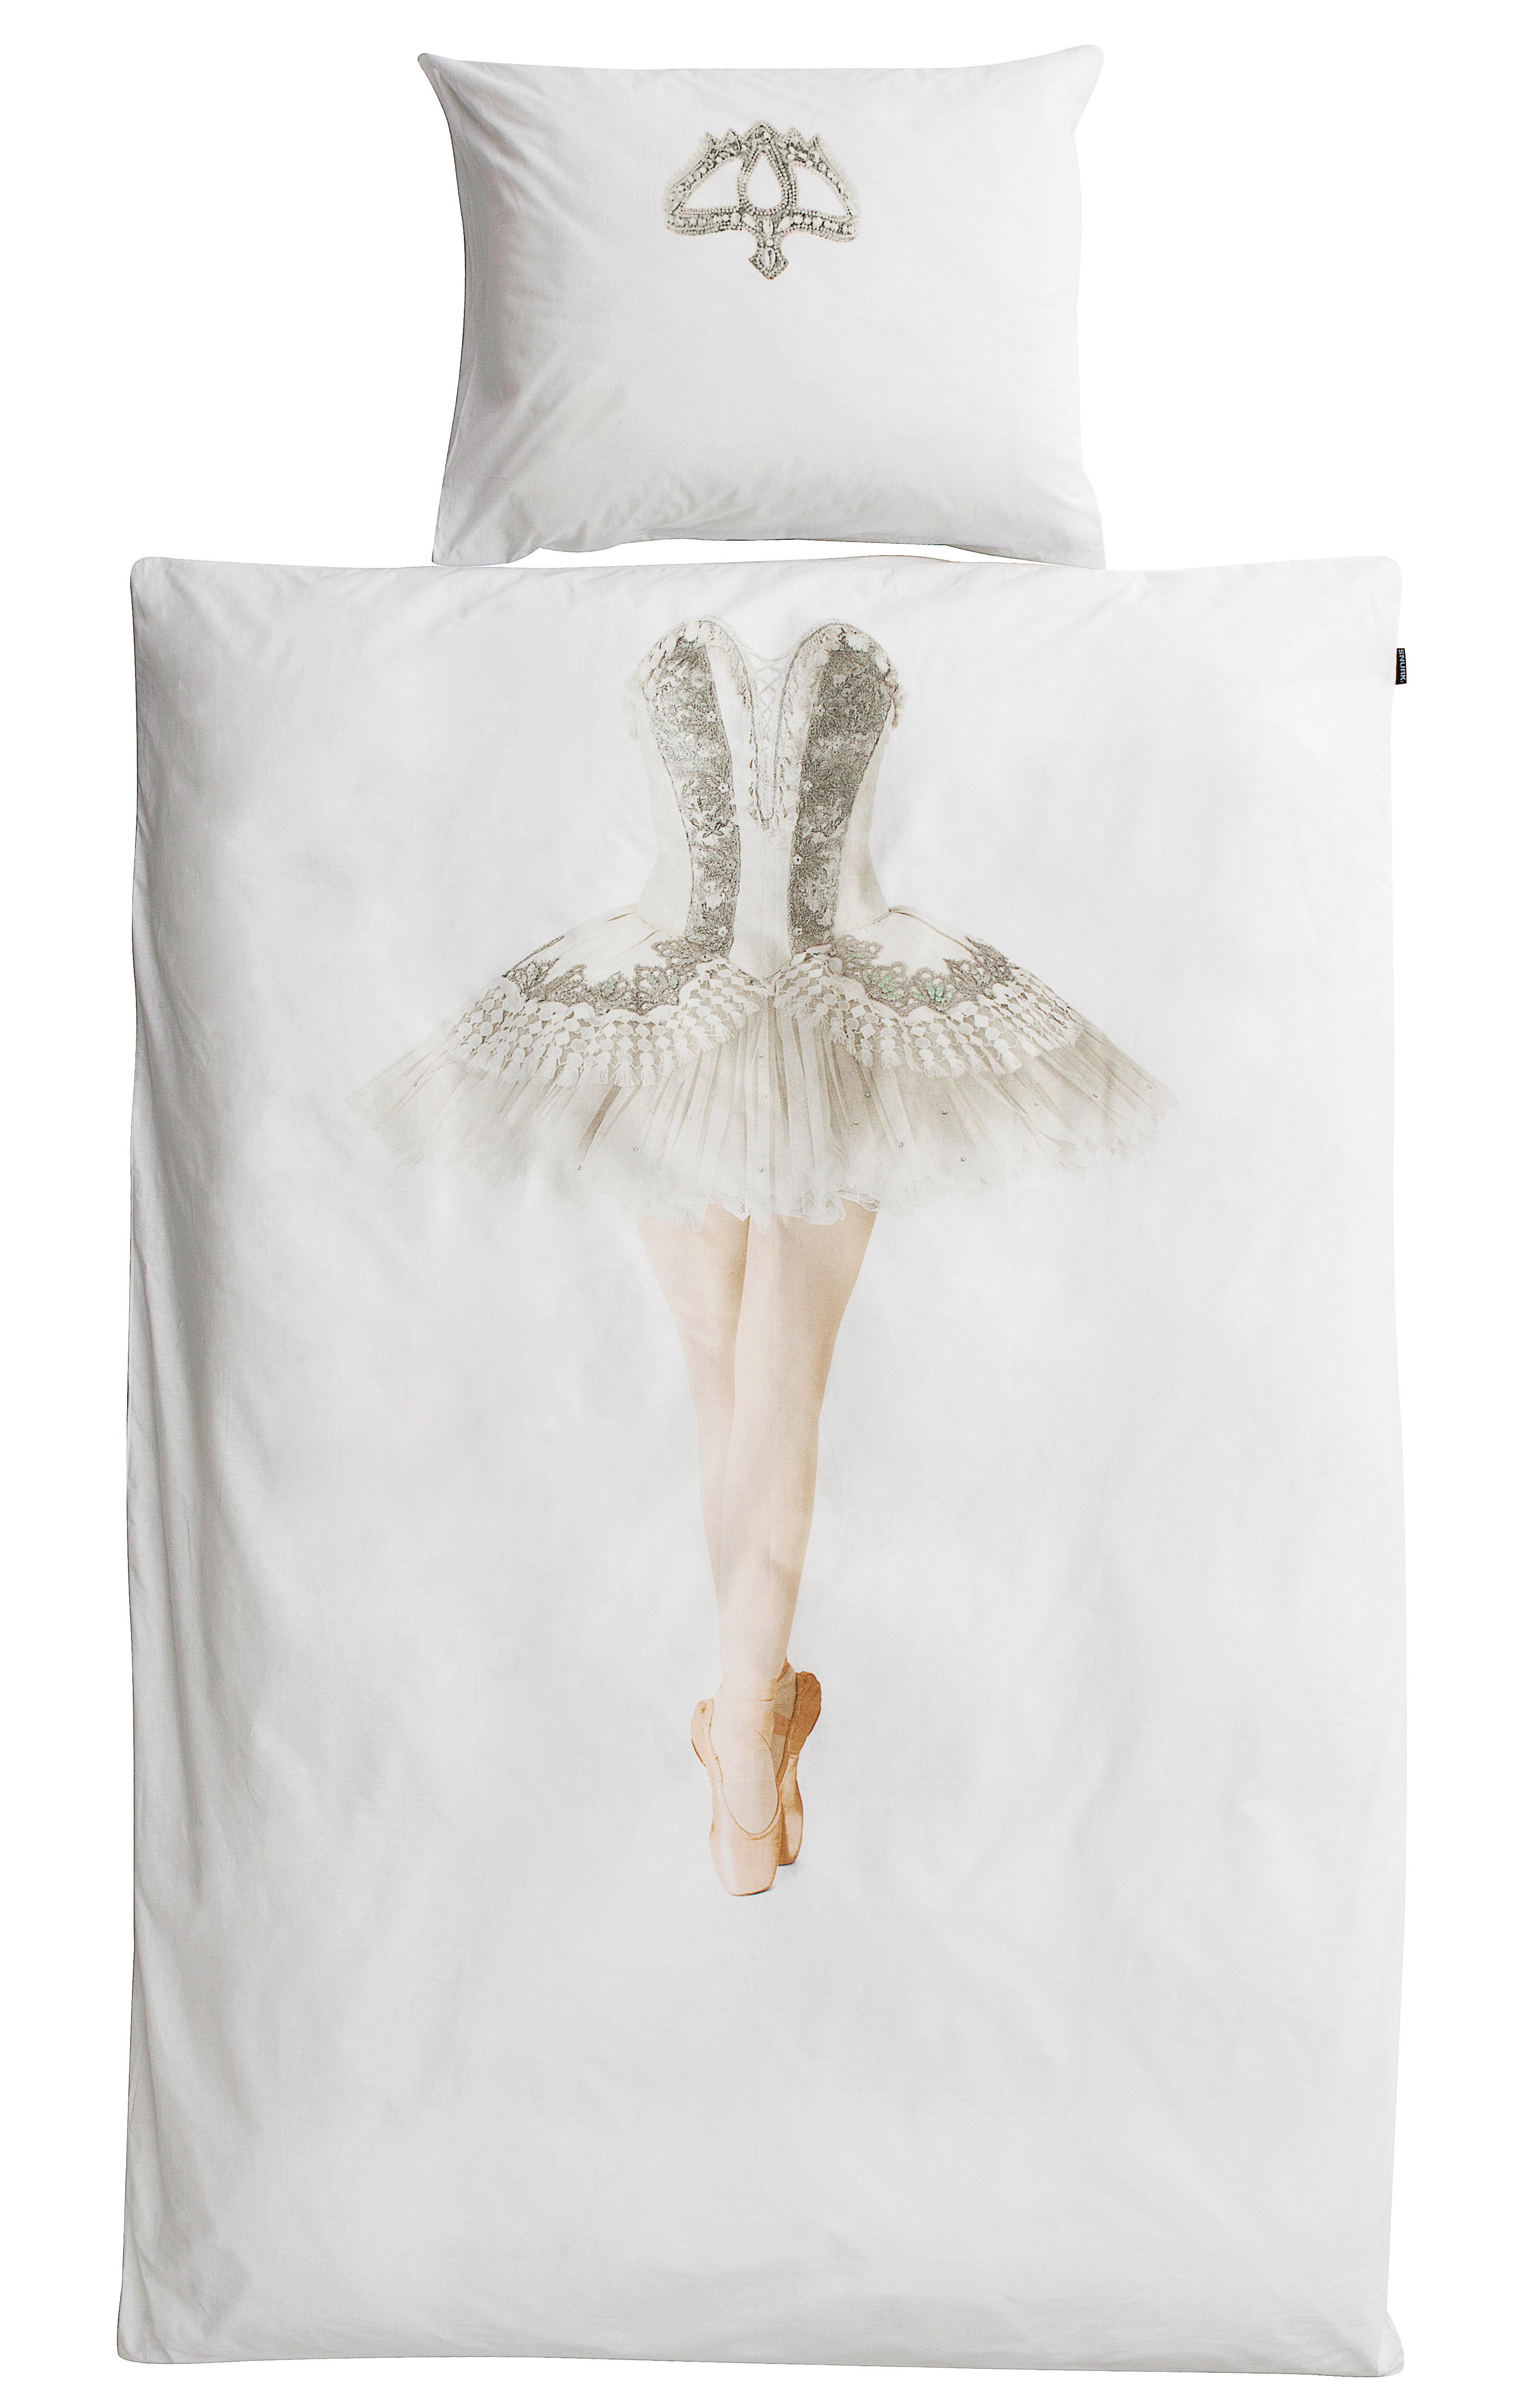 Interni - Per bambini - Biancheria da letto 1 persona Ballerine - / 1 persona - 140 x 200 cm di Snurk - Ballerina - Percale de coton